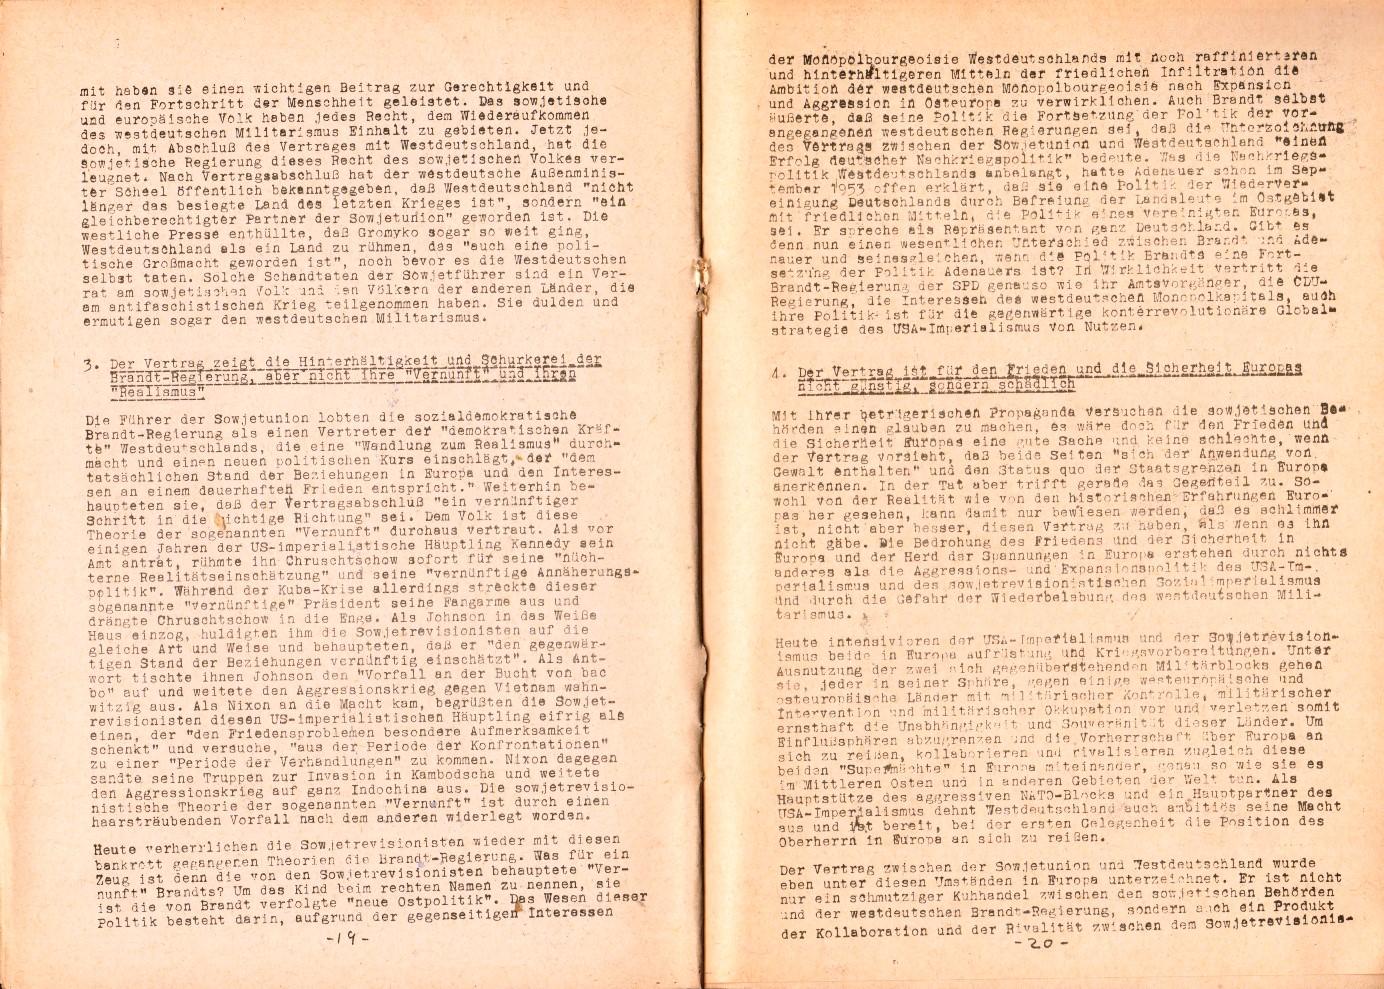 KPDML_1970_Der_sowjetisch_westdeutsche_Vertrag_13